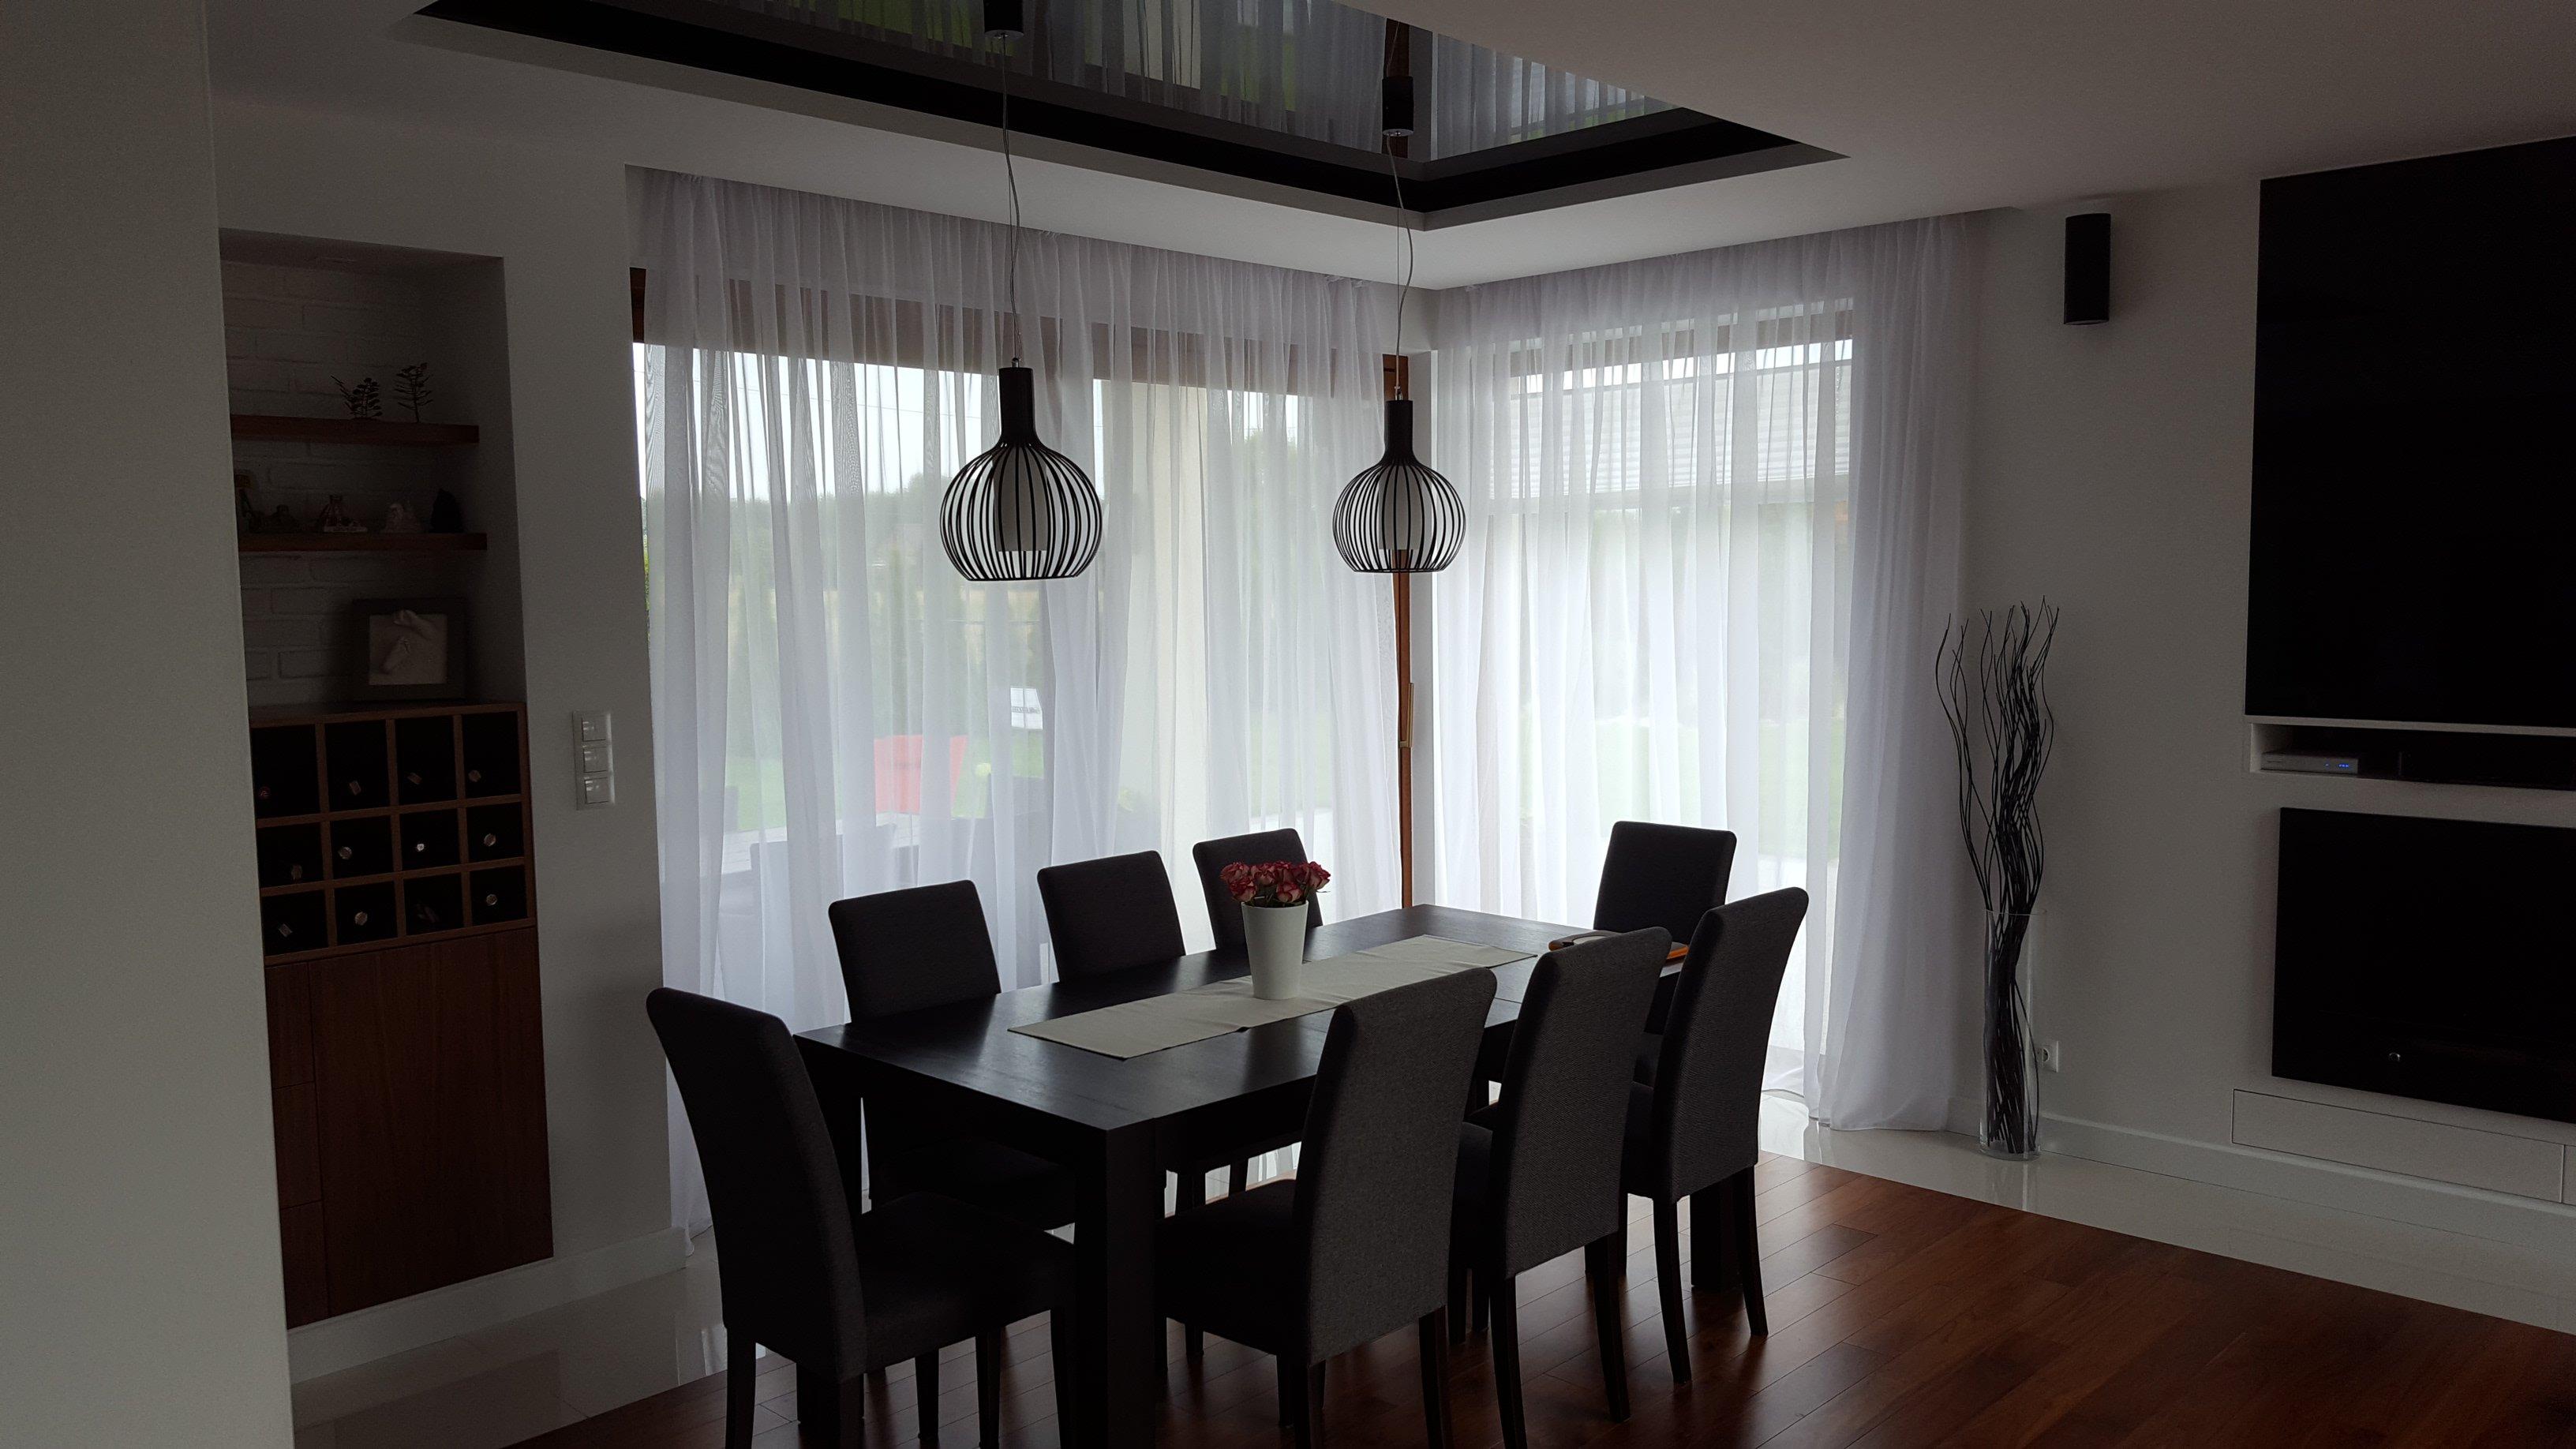 projekt-domu-riwiera-fot-29-1470049994-nxkuuohj.jpg